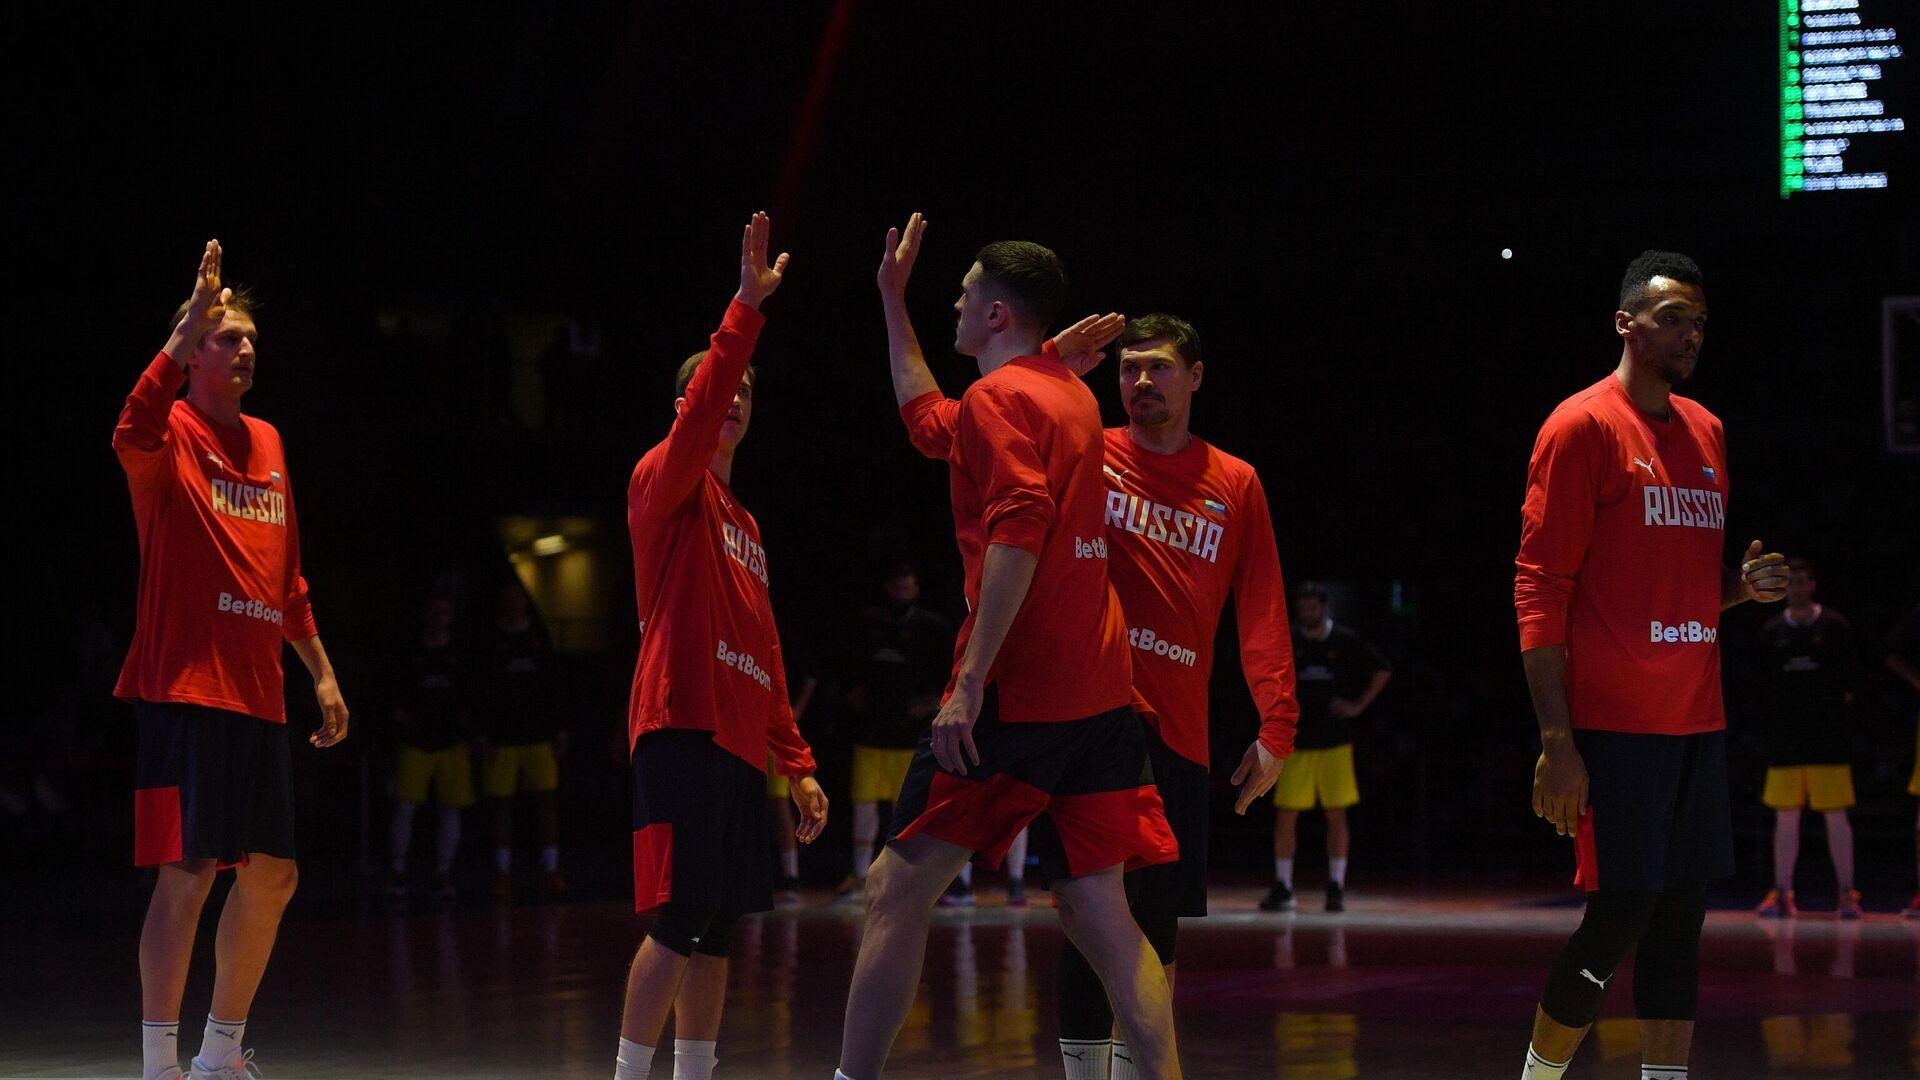 Баскетболисты сборной России - РИА Новости, 1920, 19.02.2021